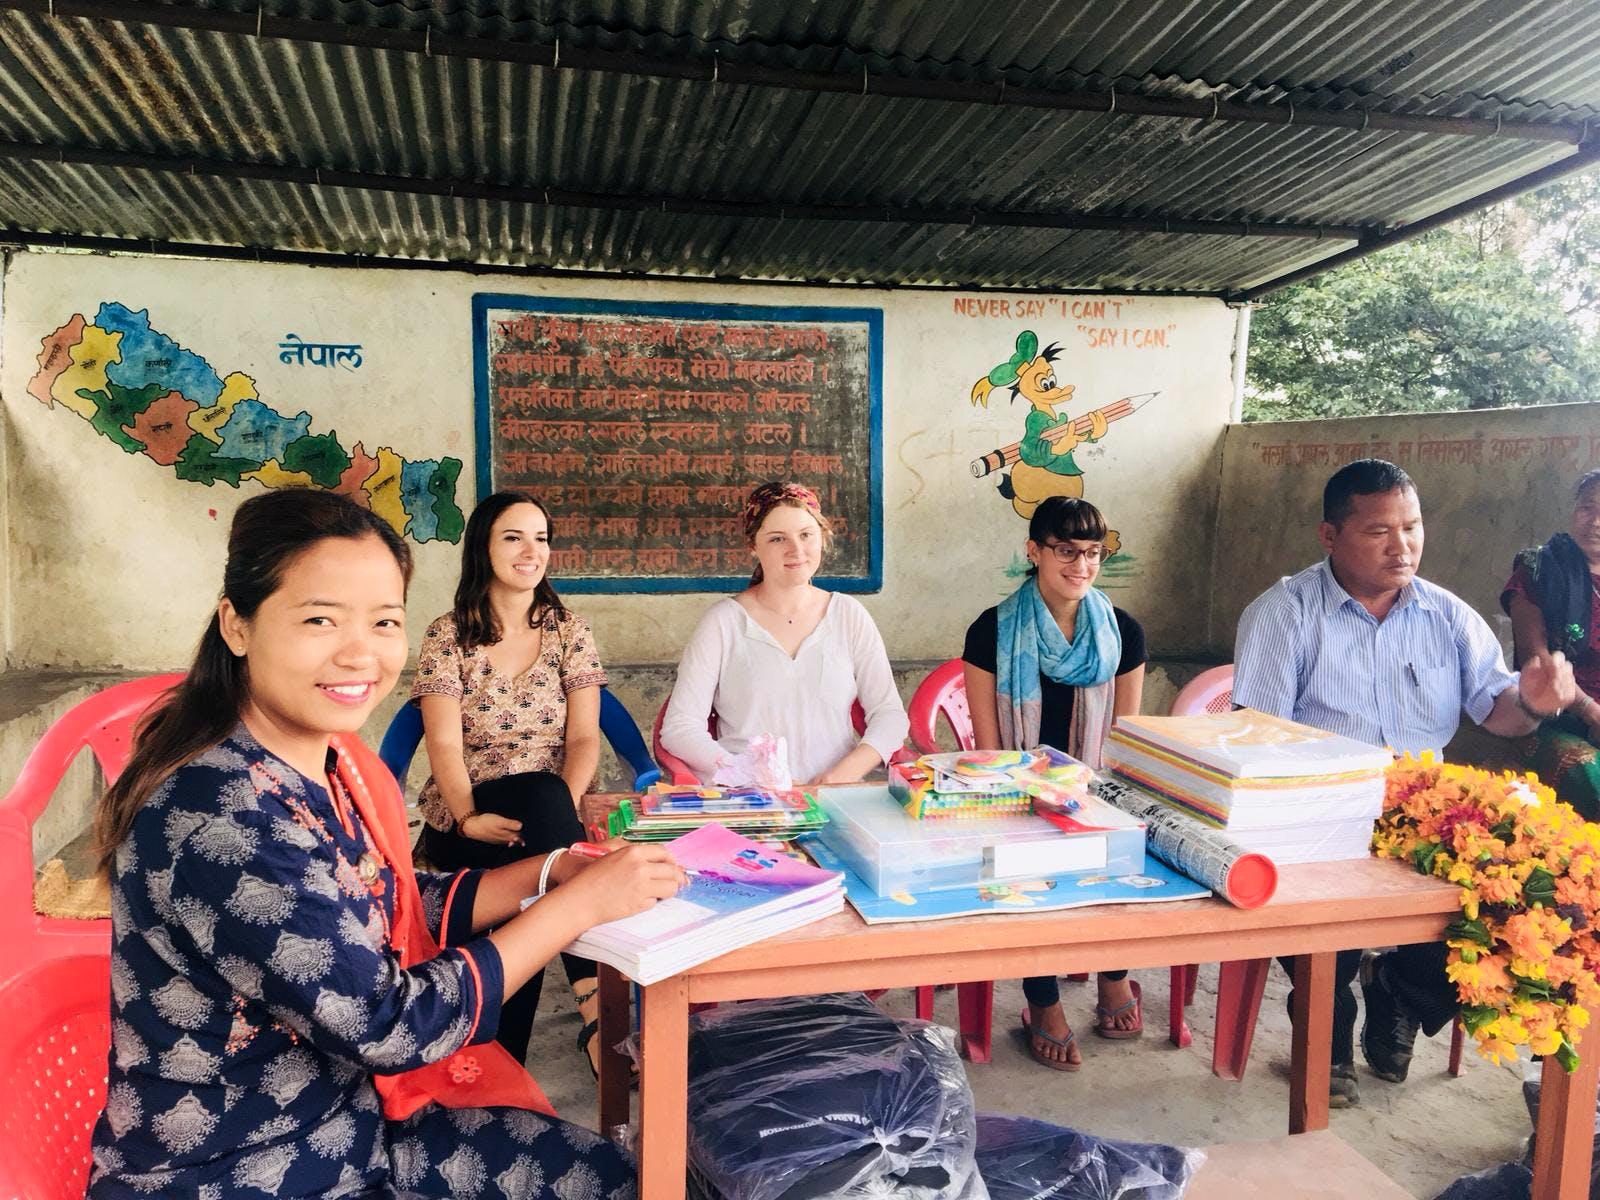 2-week Everest trekking + 2-week volunteer on Farm